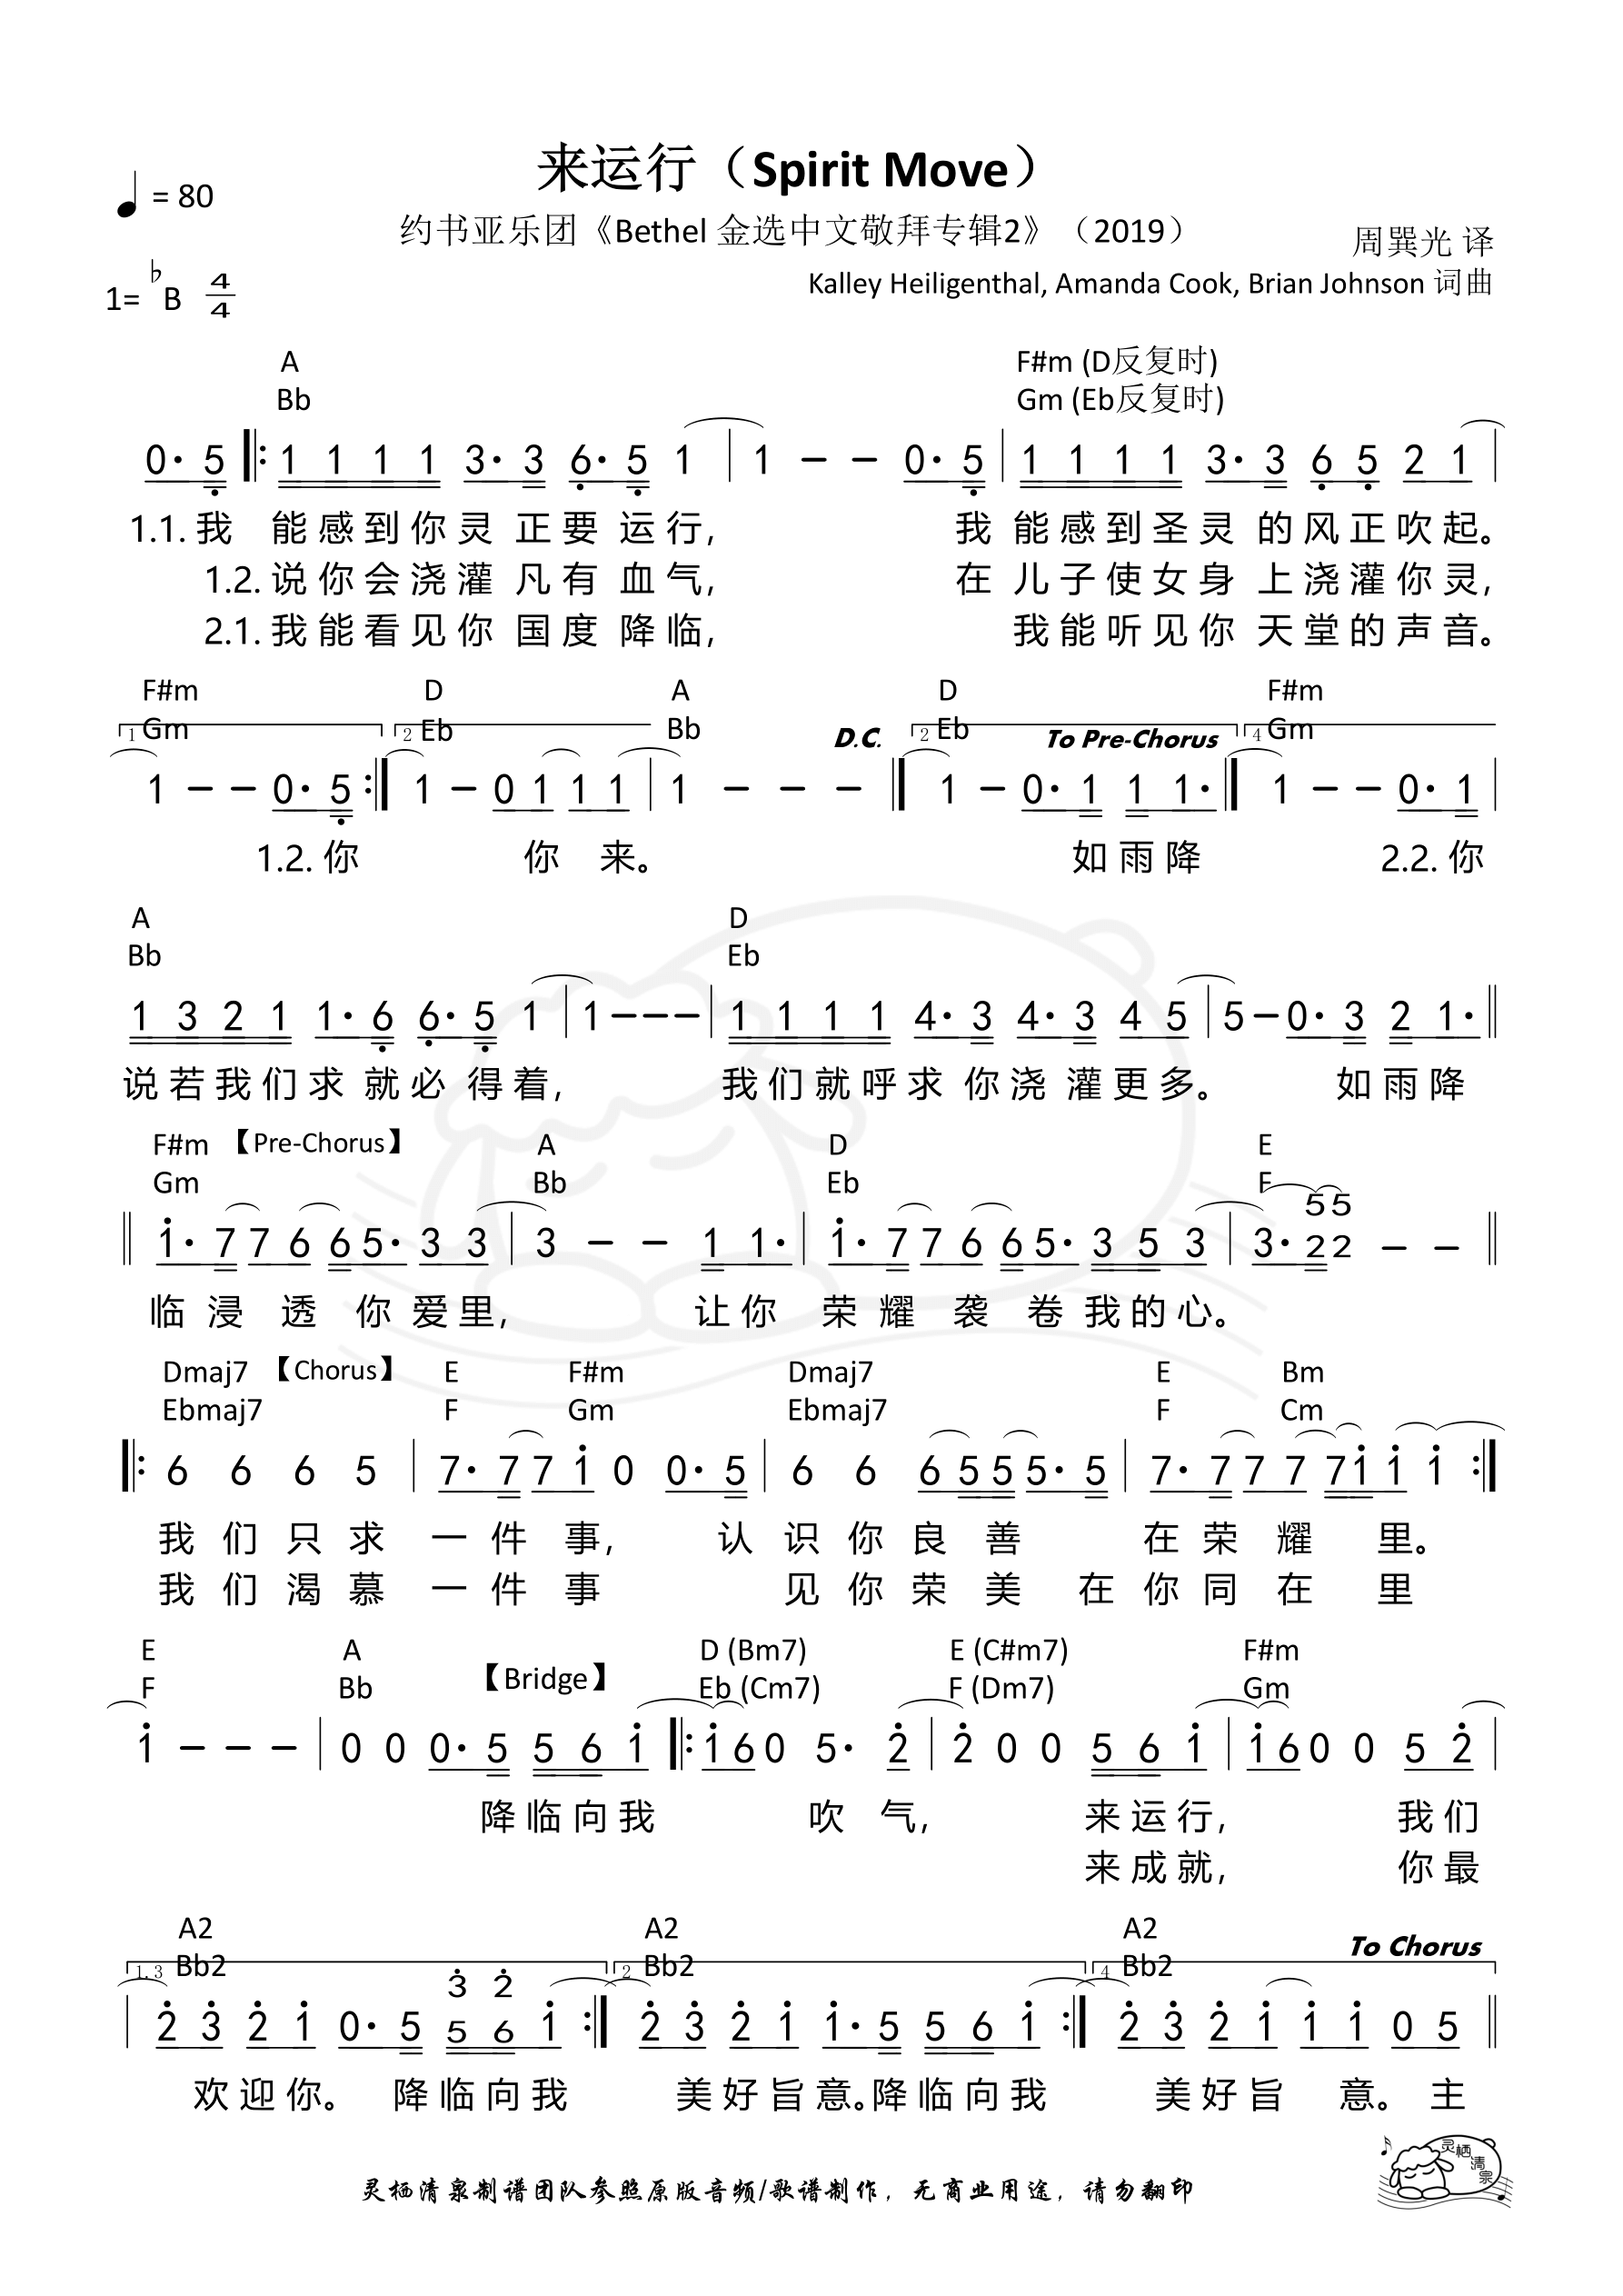 《第181首 - 来运行(Spirit Move) 和弦简谱》